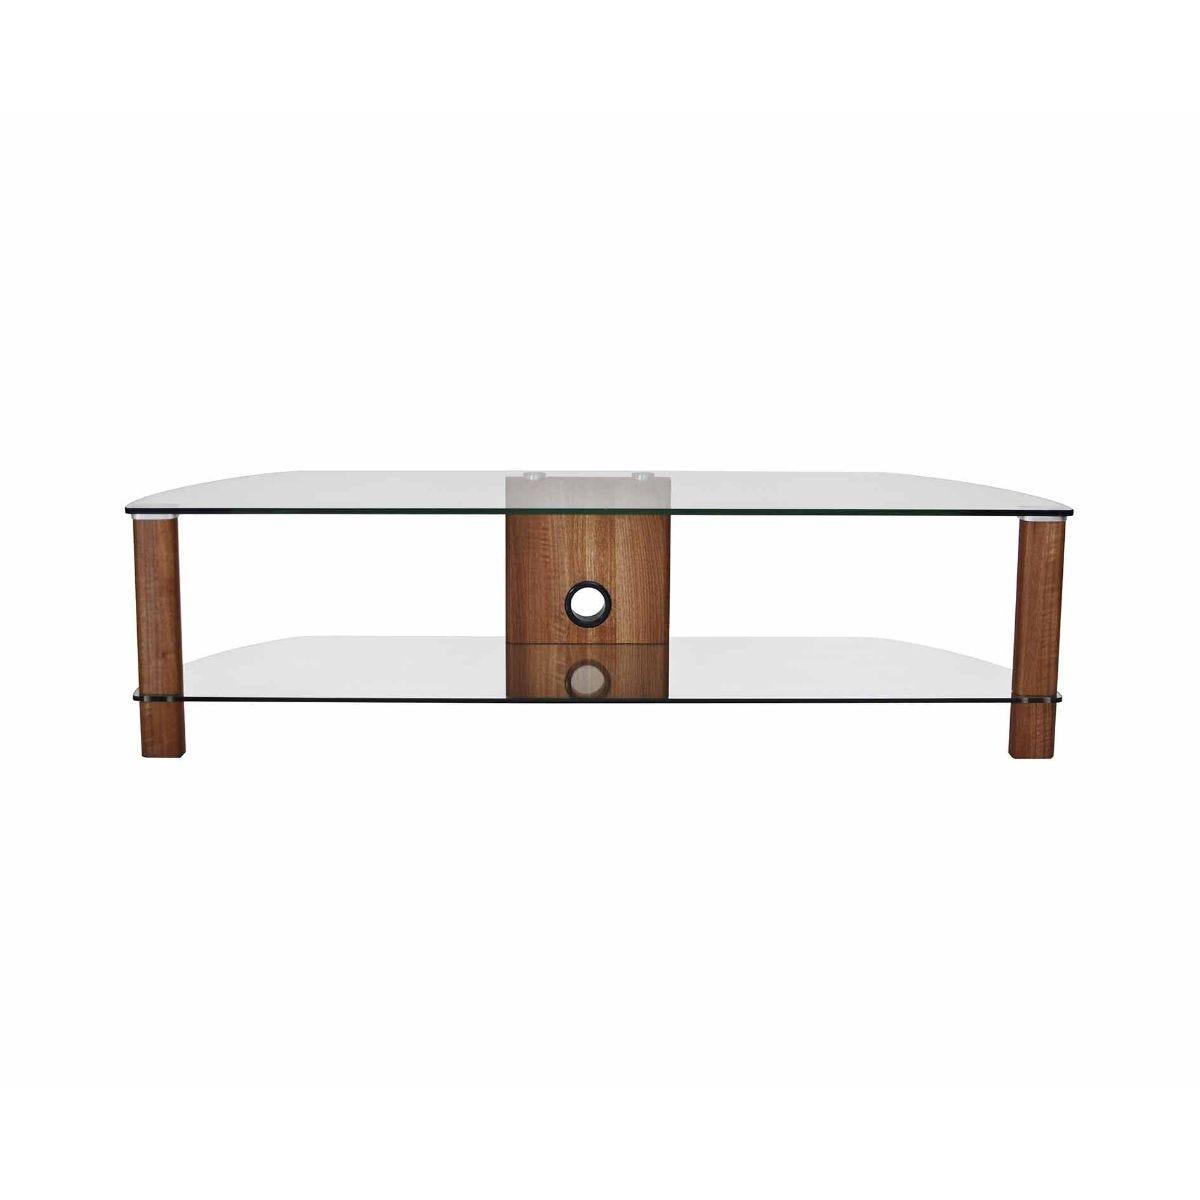 Alphason Century 1500 2 Shelf TV Stand Clear Glass, Walnut